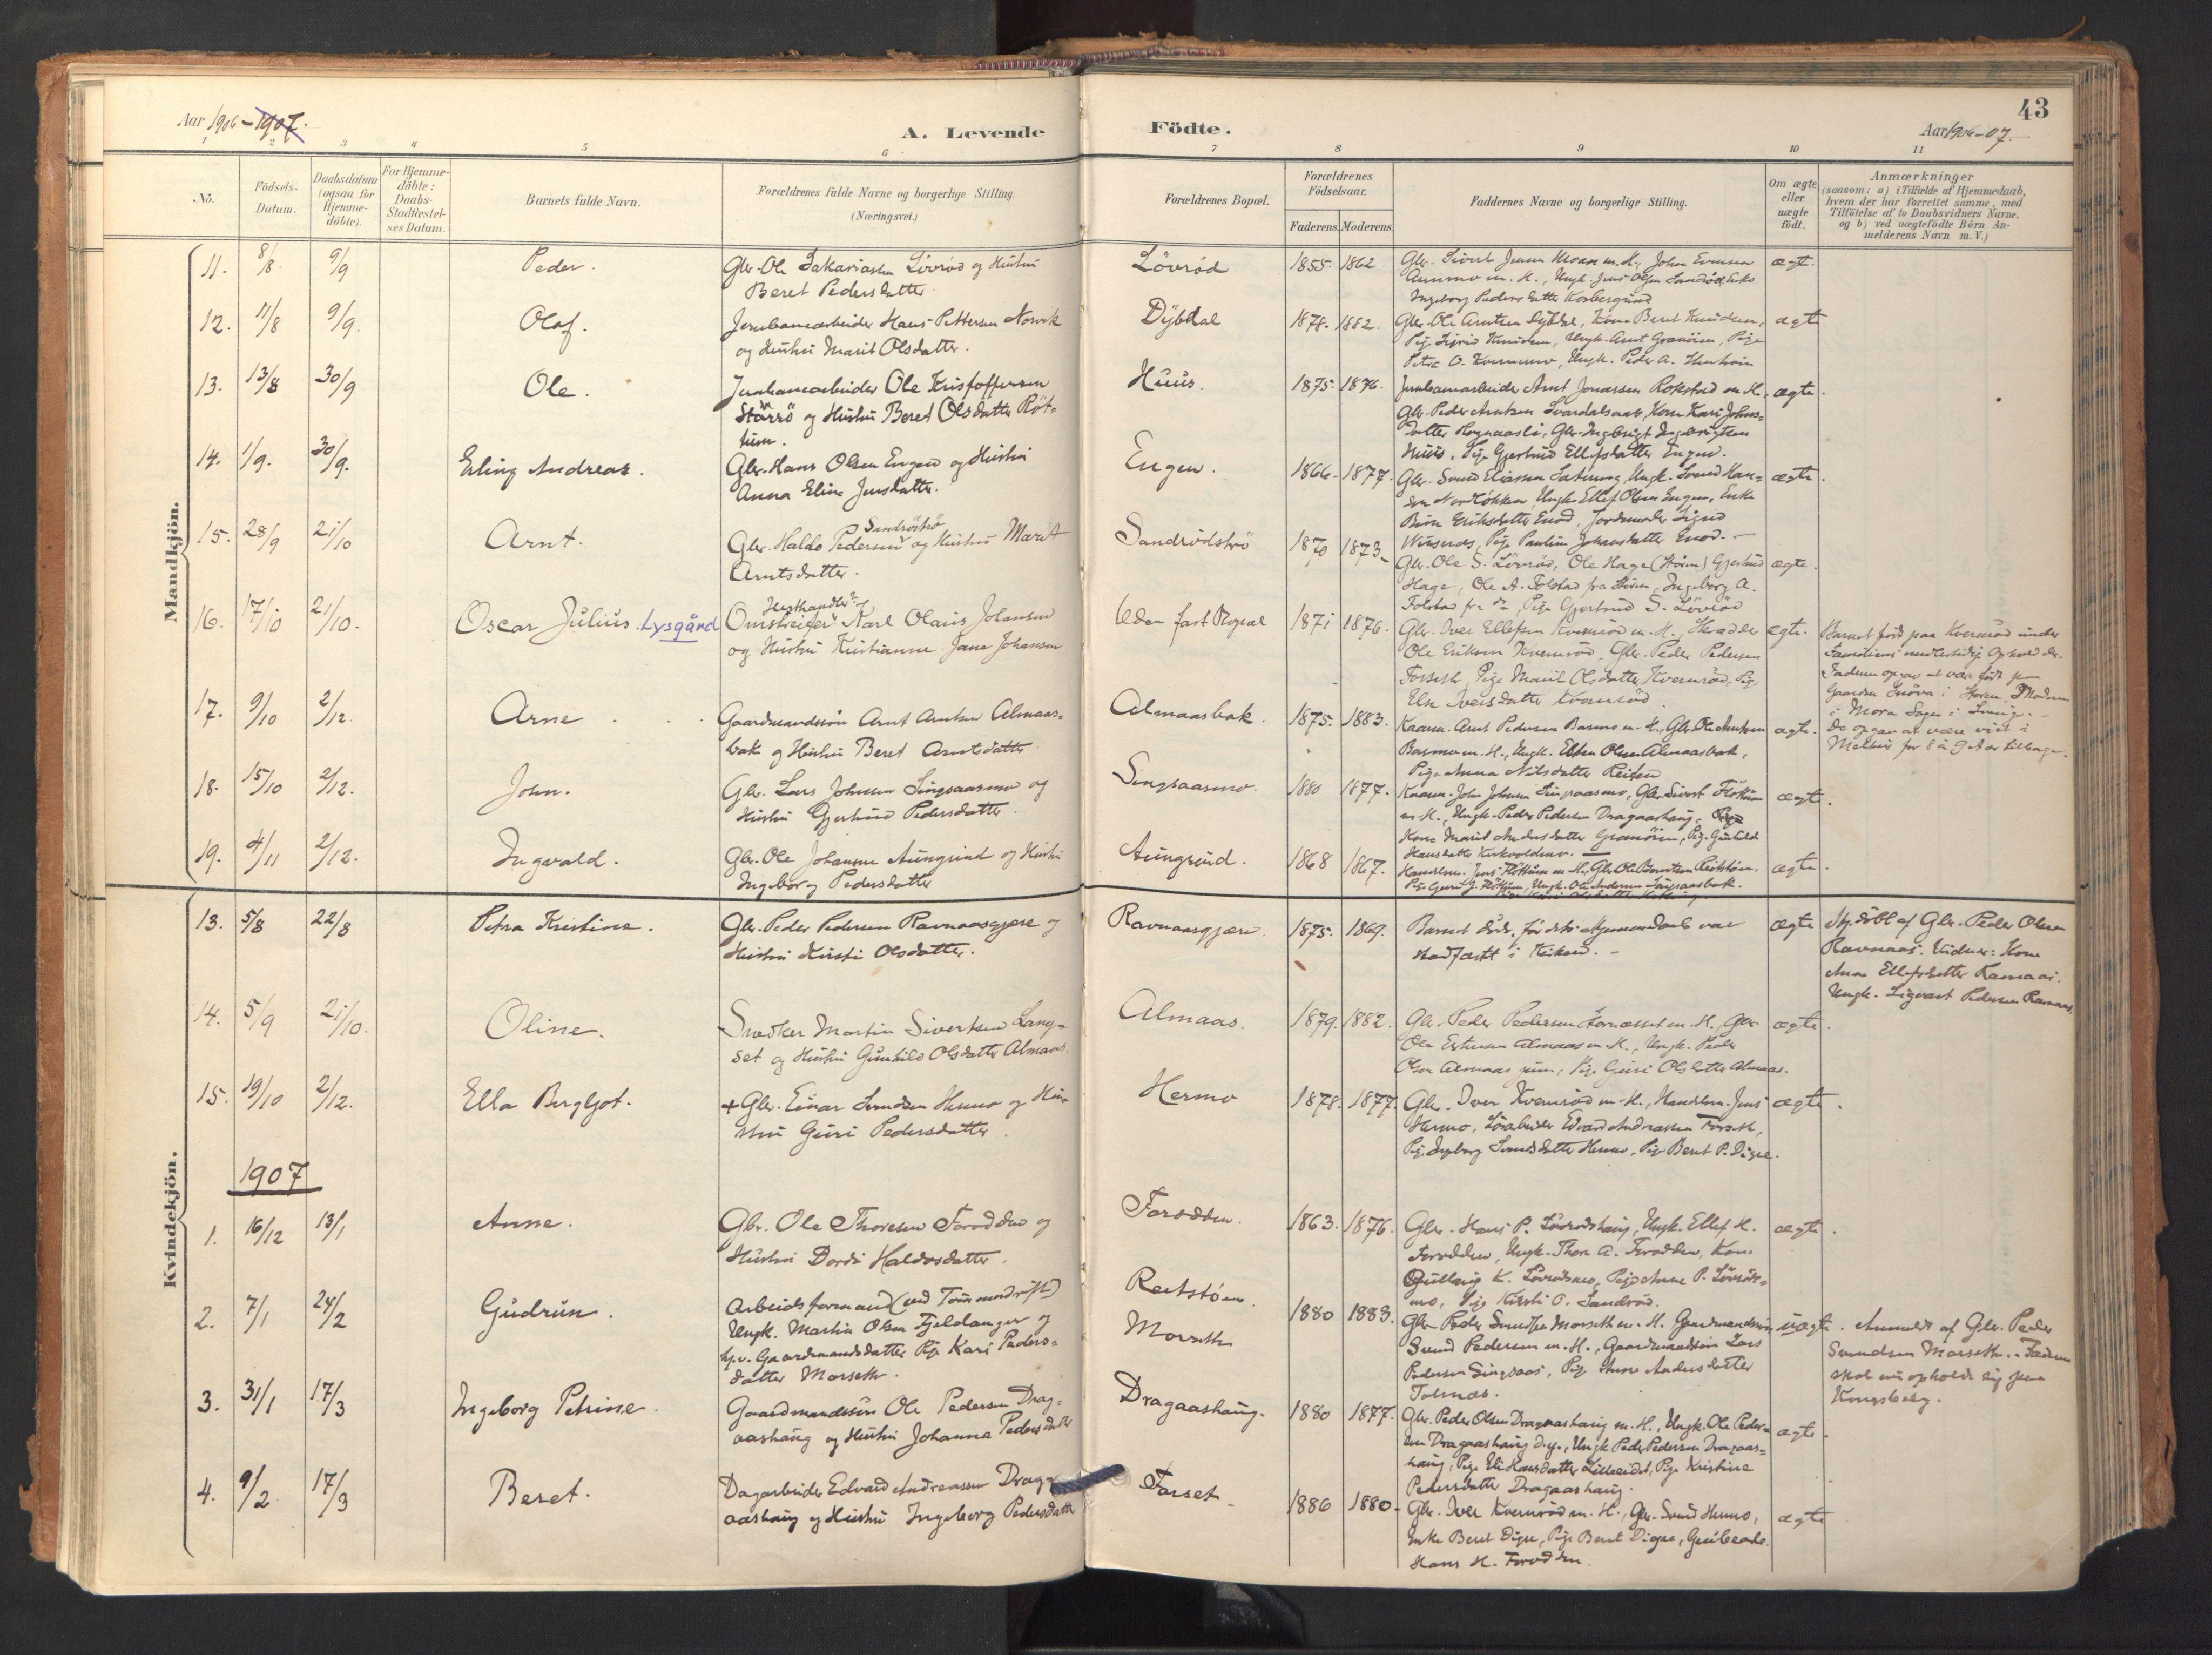 SAT, Ministerialprotokoller, klokkerbøker og fødselsregistre - Sør-Trøndelag, 688/L1025: Ministerialbok nr. 688A02, 1891-1909, s. 43